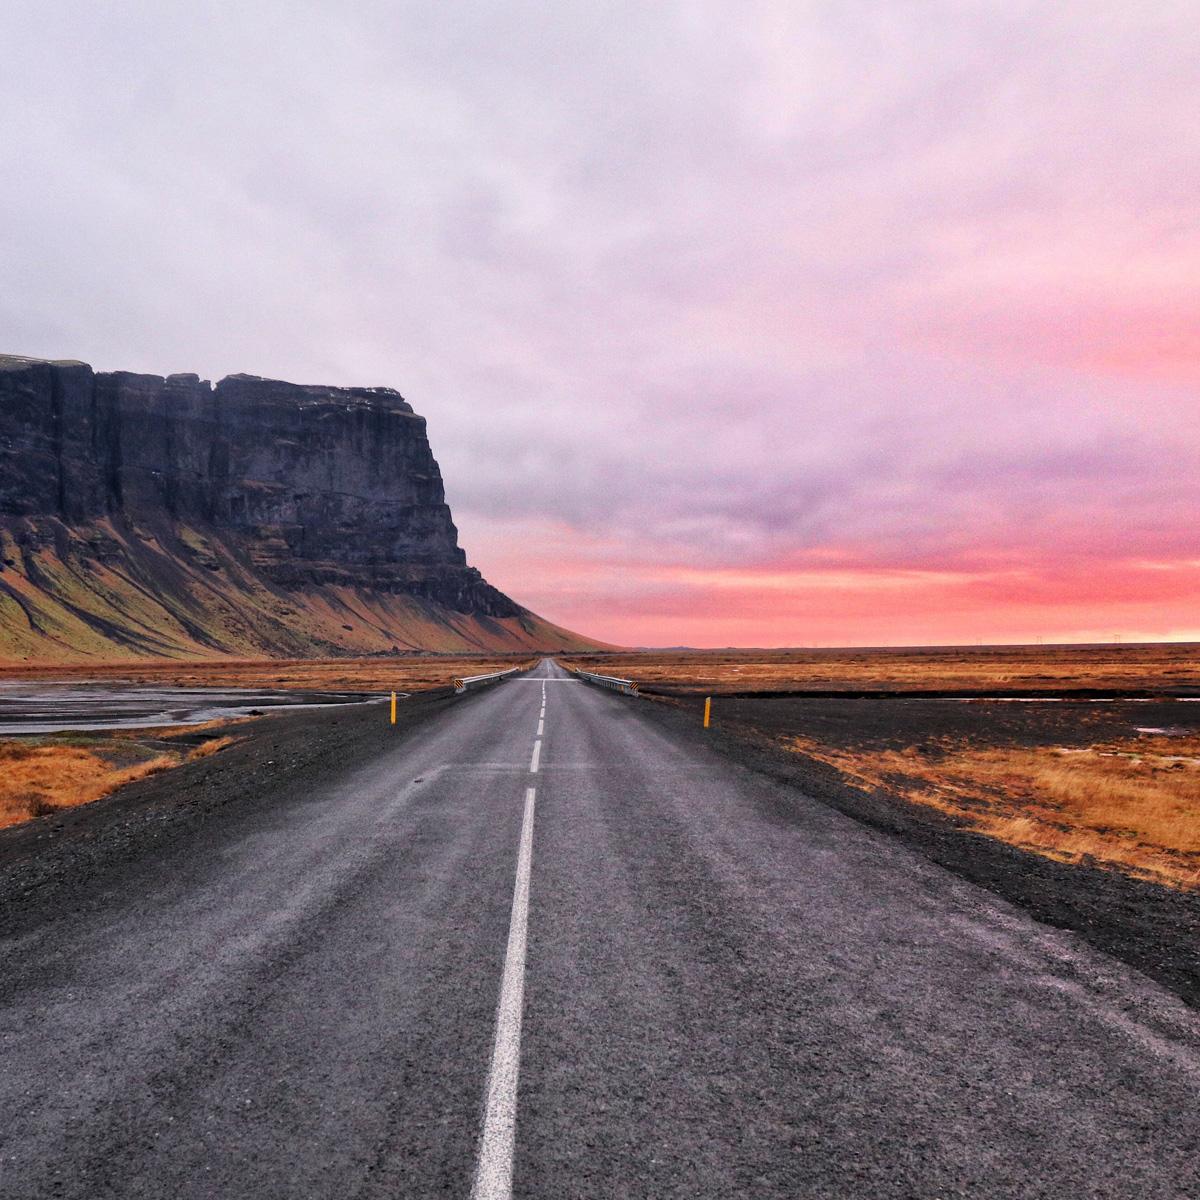 Island © Rory Hennessey | unsplash